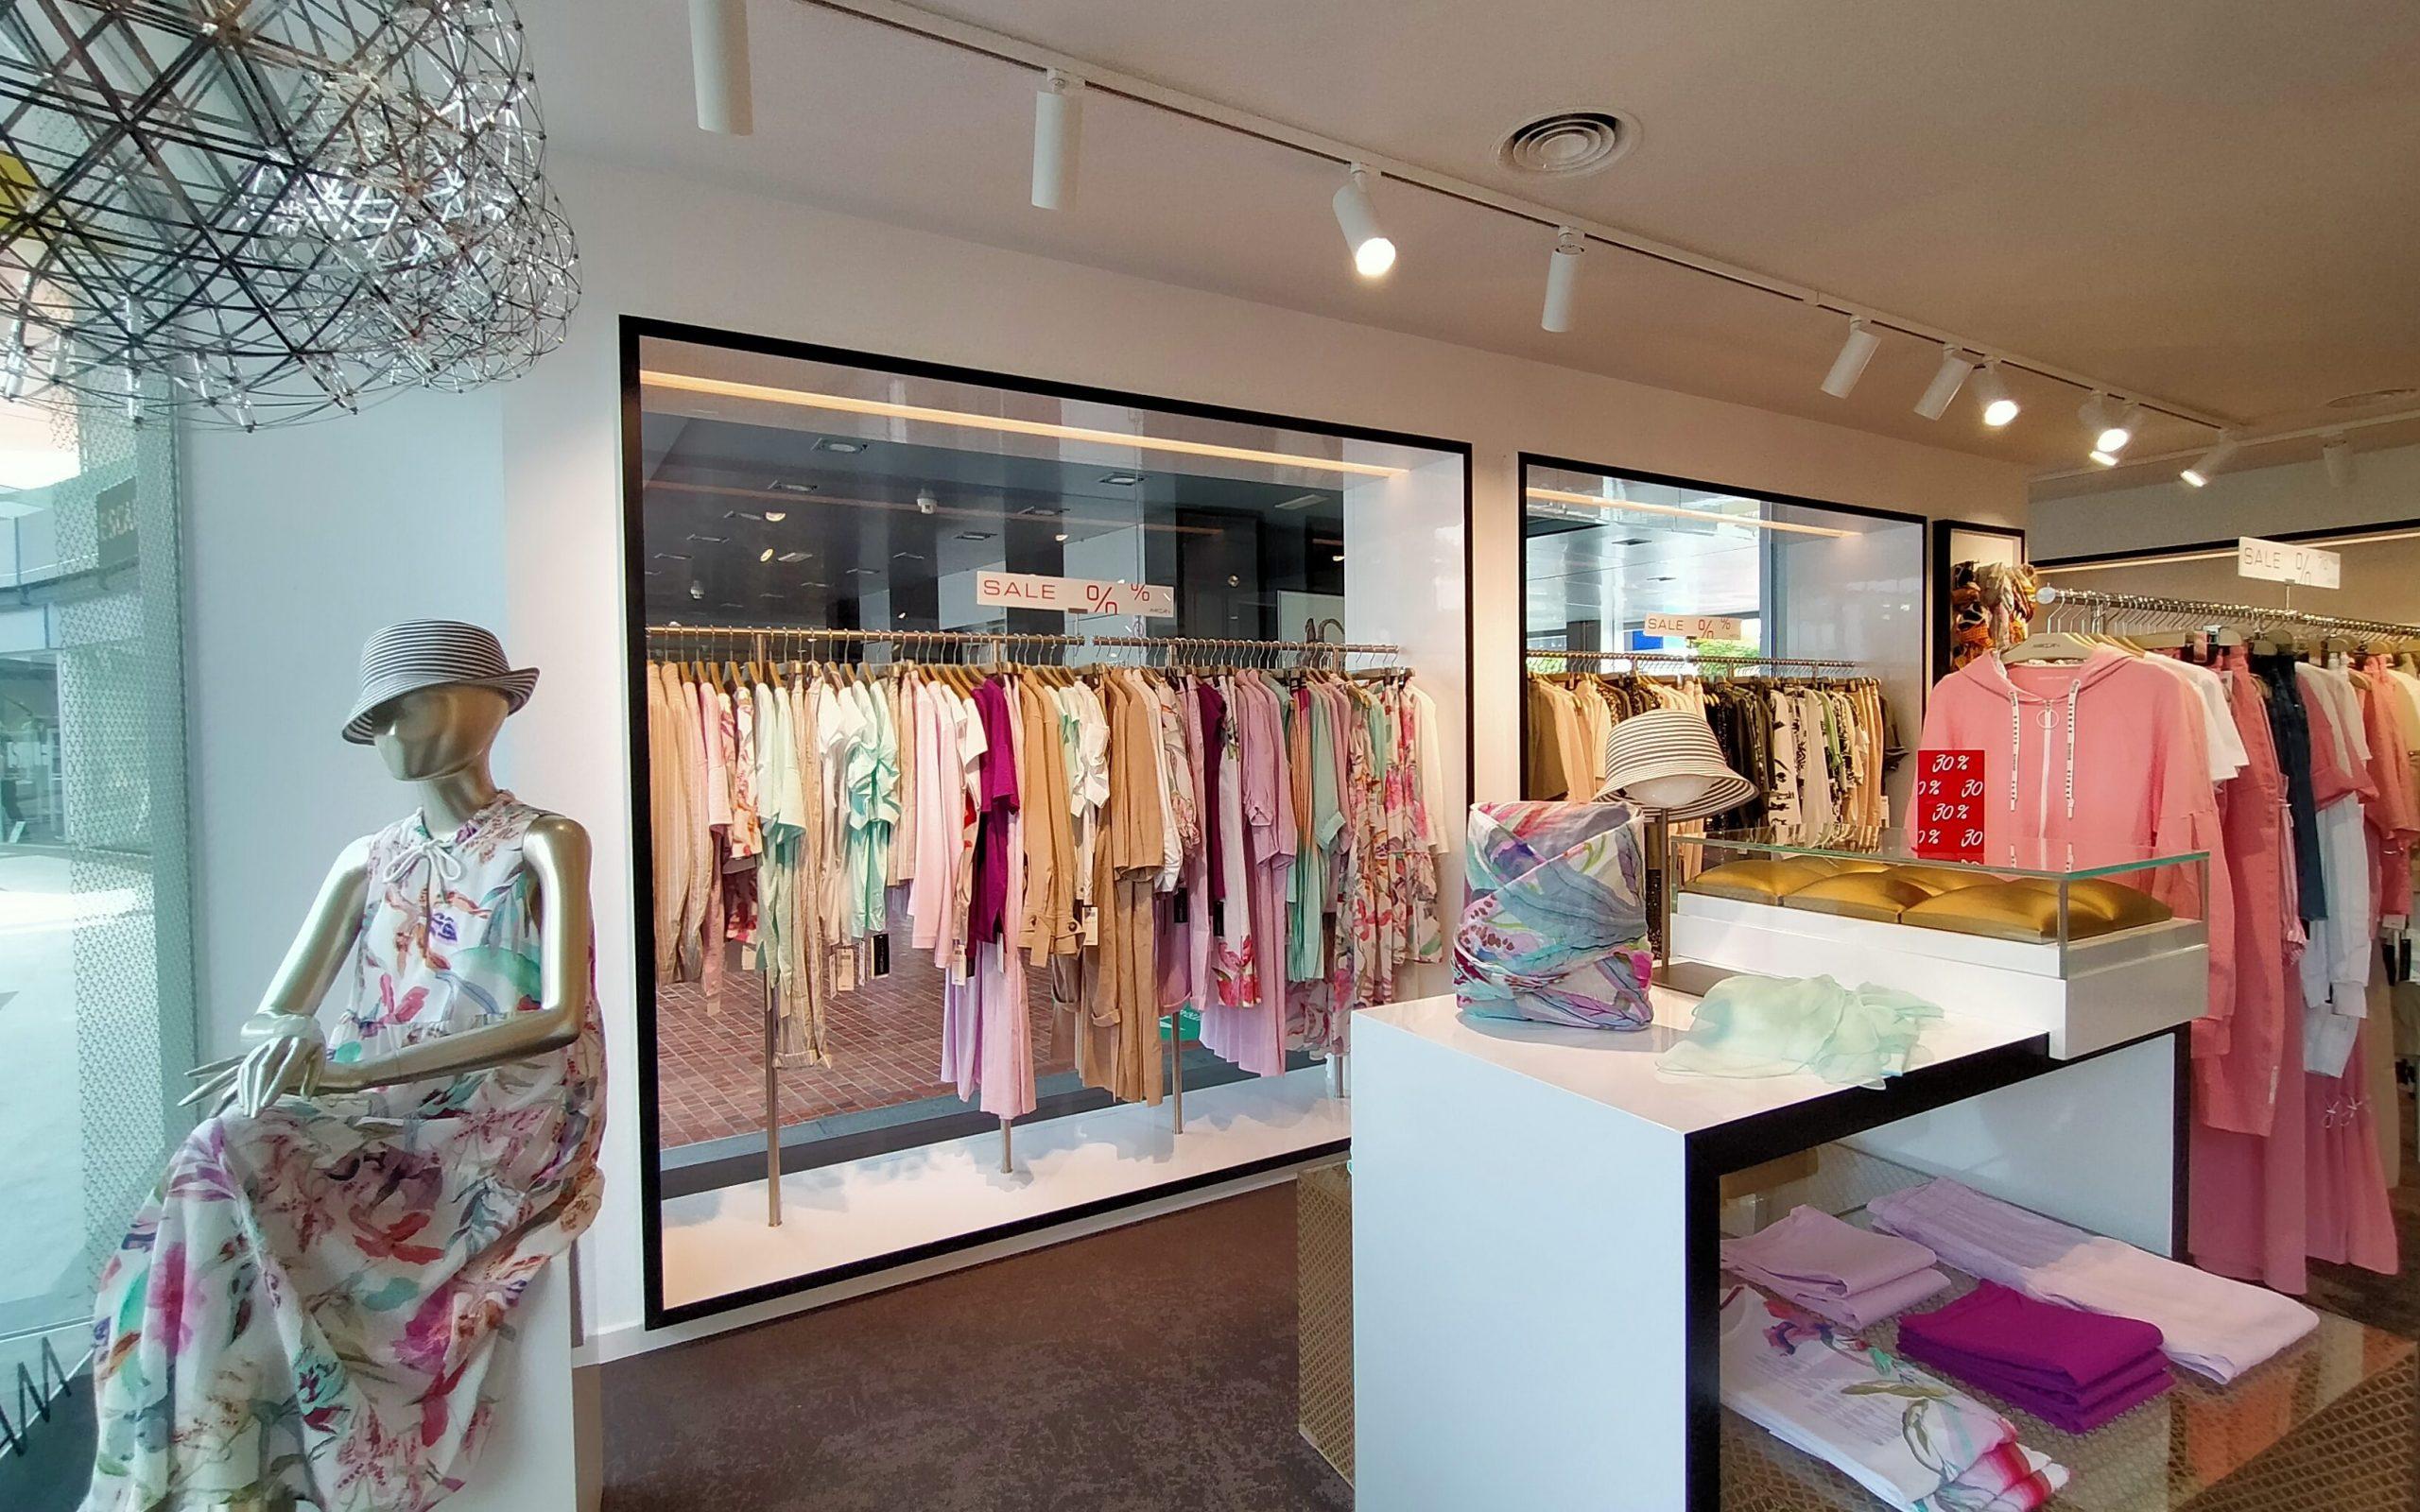 La empresa de moda de éxito internacional Marc Cain, re-apertura sus puertas en un local renovado y especialmente diseñado para el confort de sus clientes de 122mts2 en la planta 0 de Plaza del Duque Luxury Shopping.